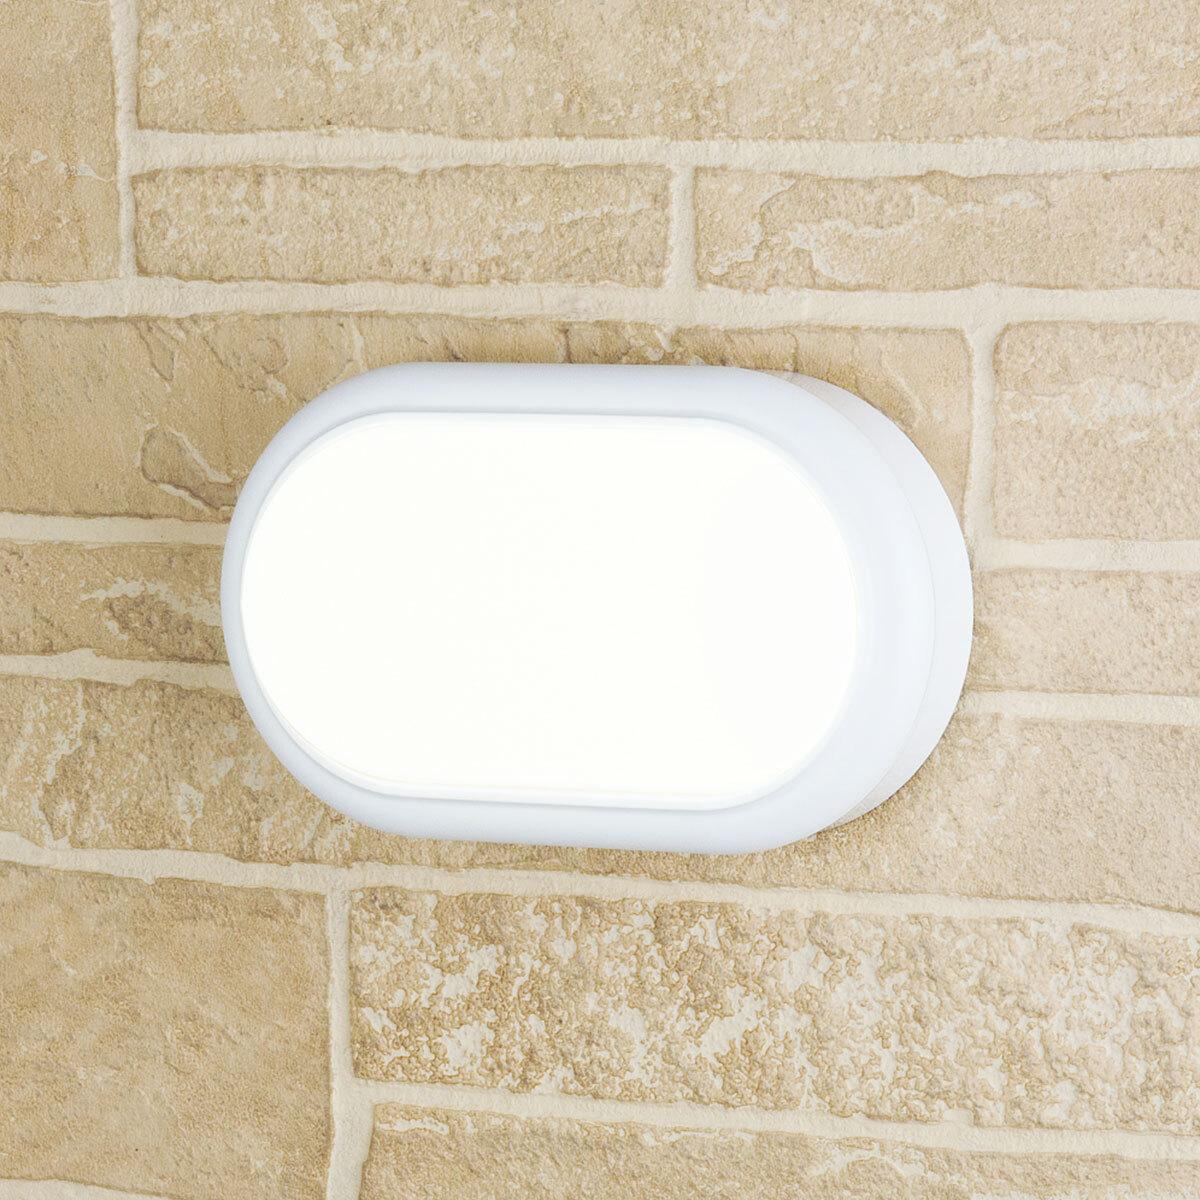 цены на LTB04 / Светильник стационарный светодиодный LED Светильник Forssa белый  в интернет-магазинах